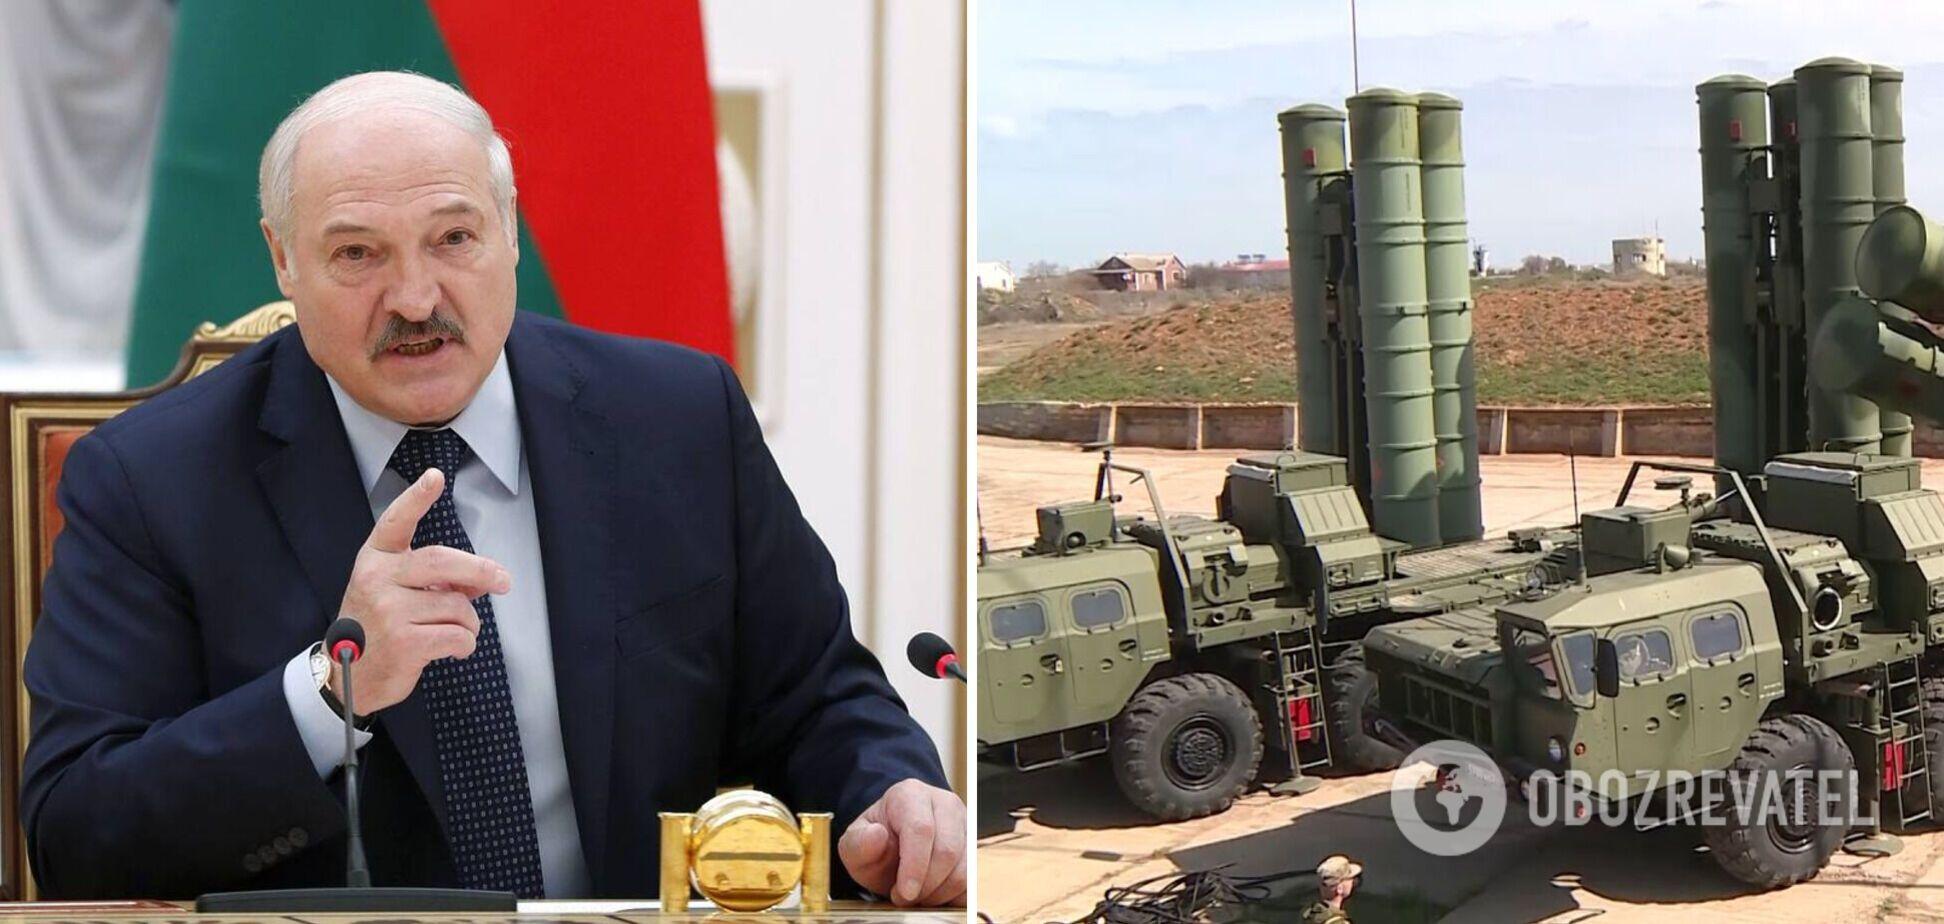 Лукашенко заговорил о размещении на границе с Украиной российских ЗРК С-400: нас начинают 'подогревать'